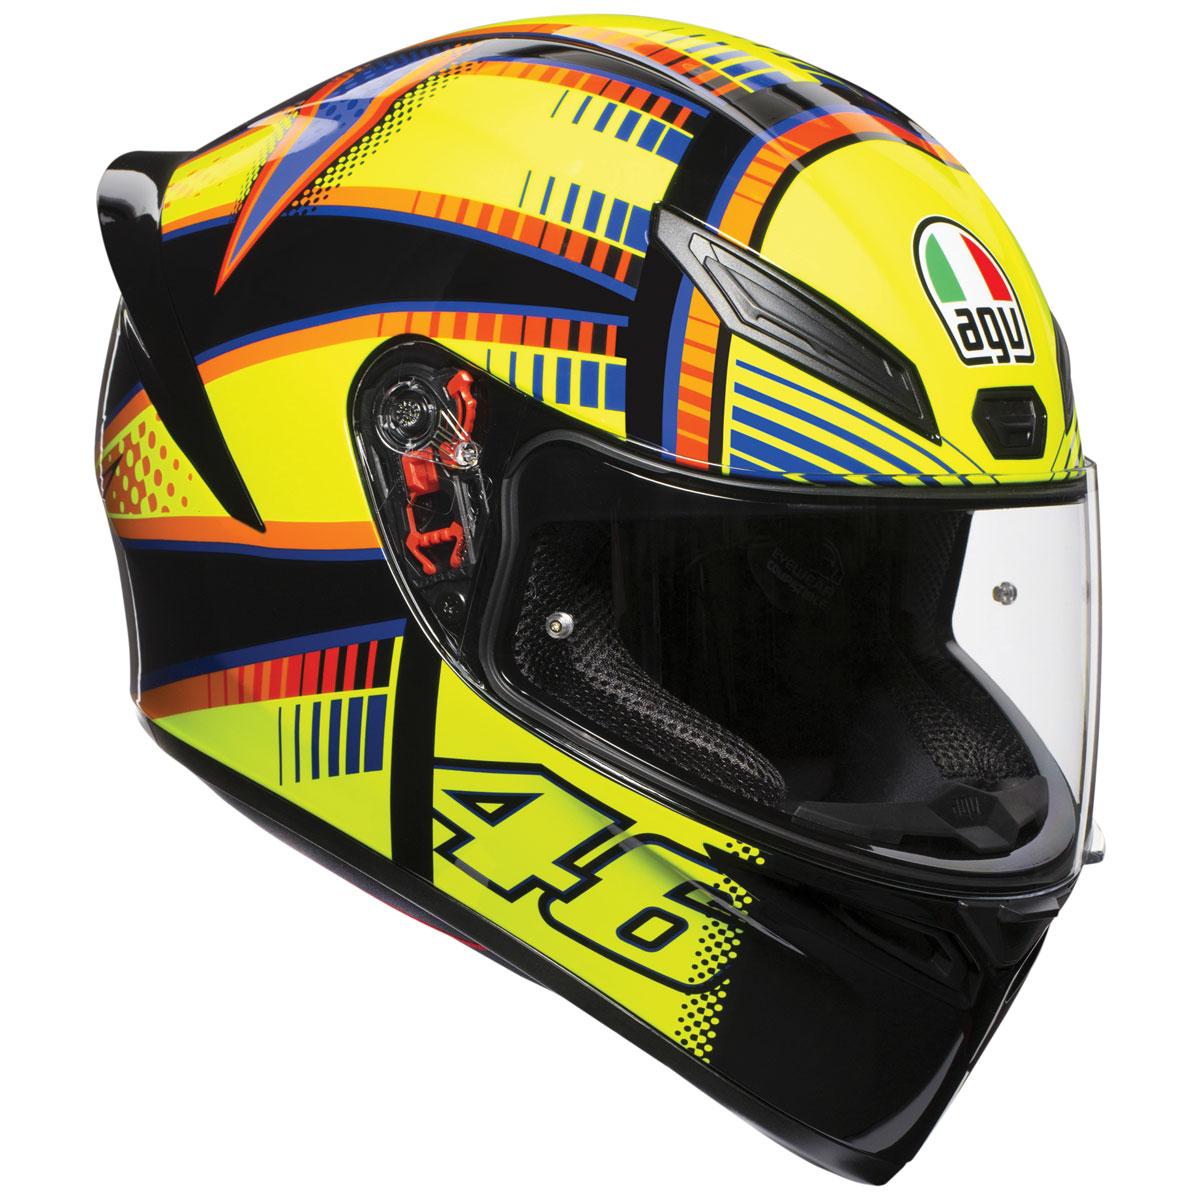 AGV K1 Soleluna 2015 Full Face Helmet